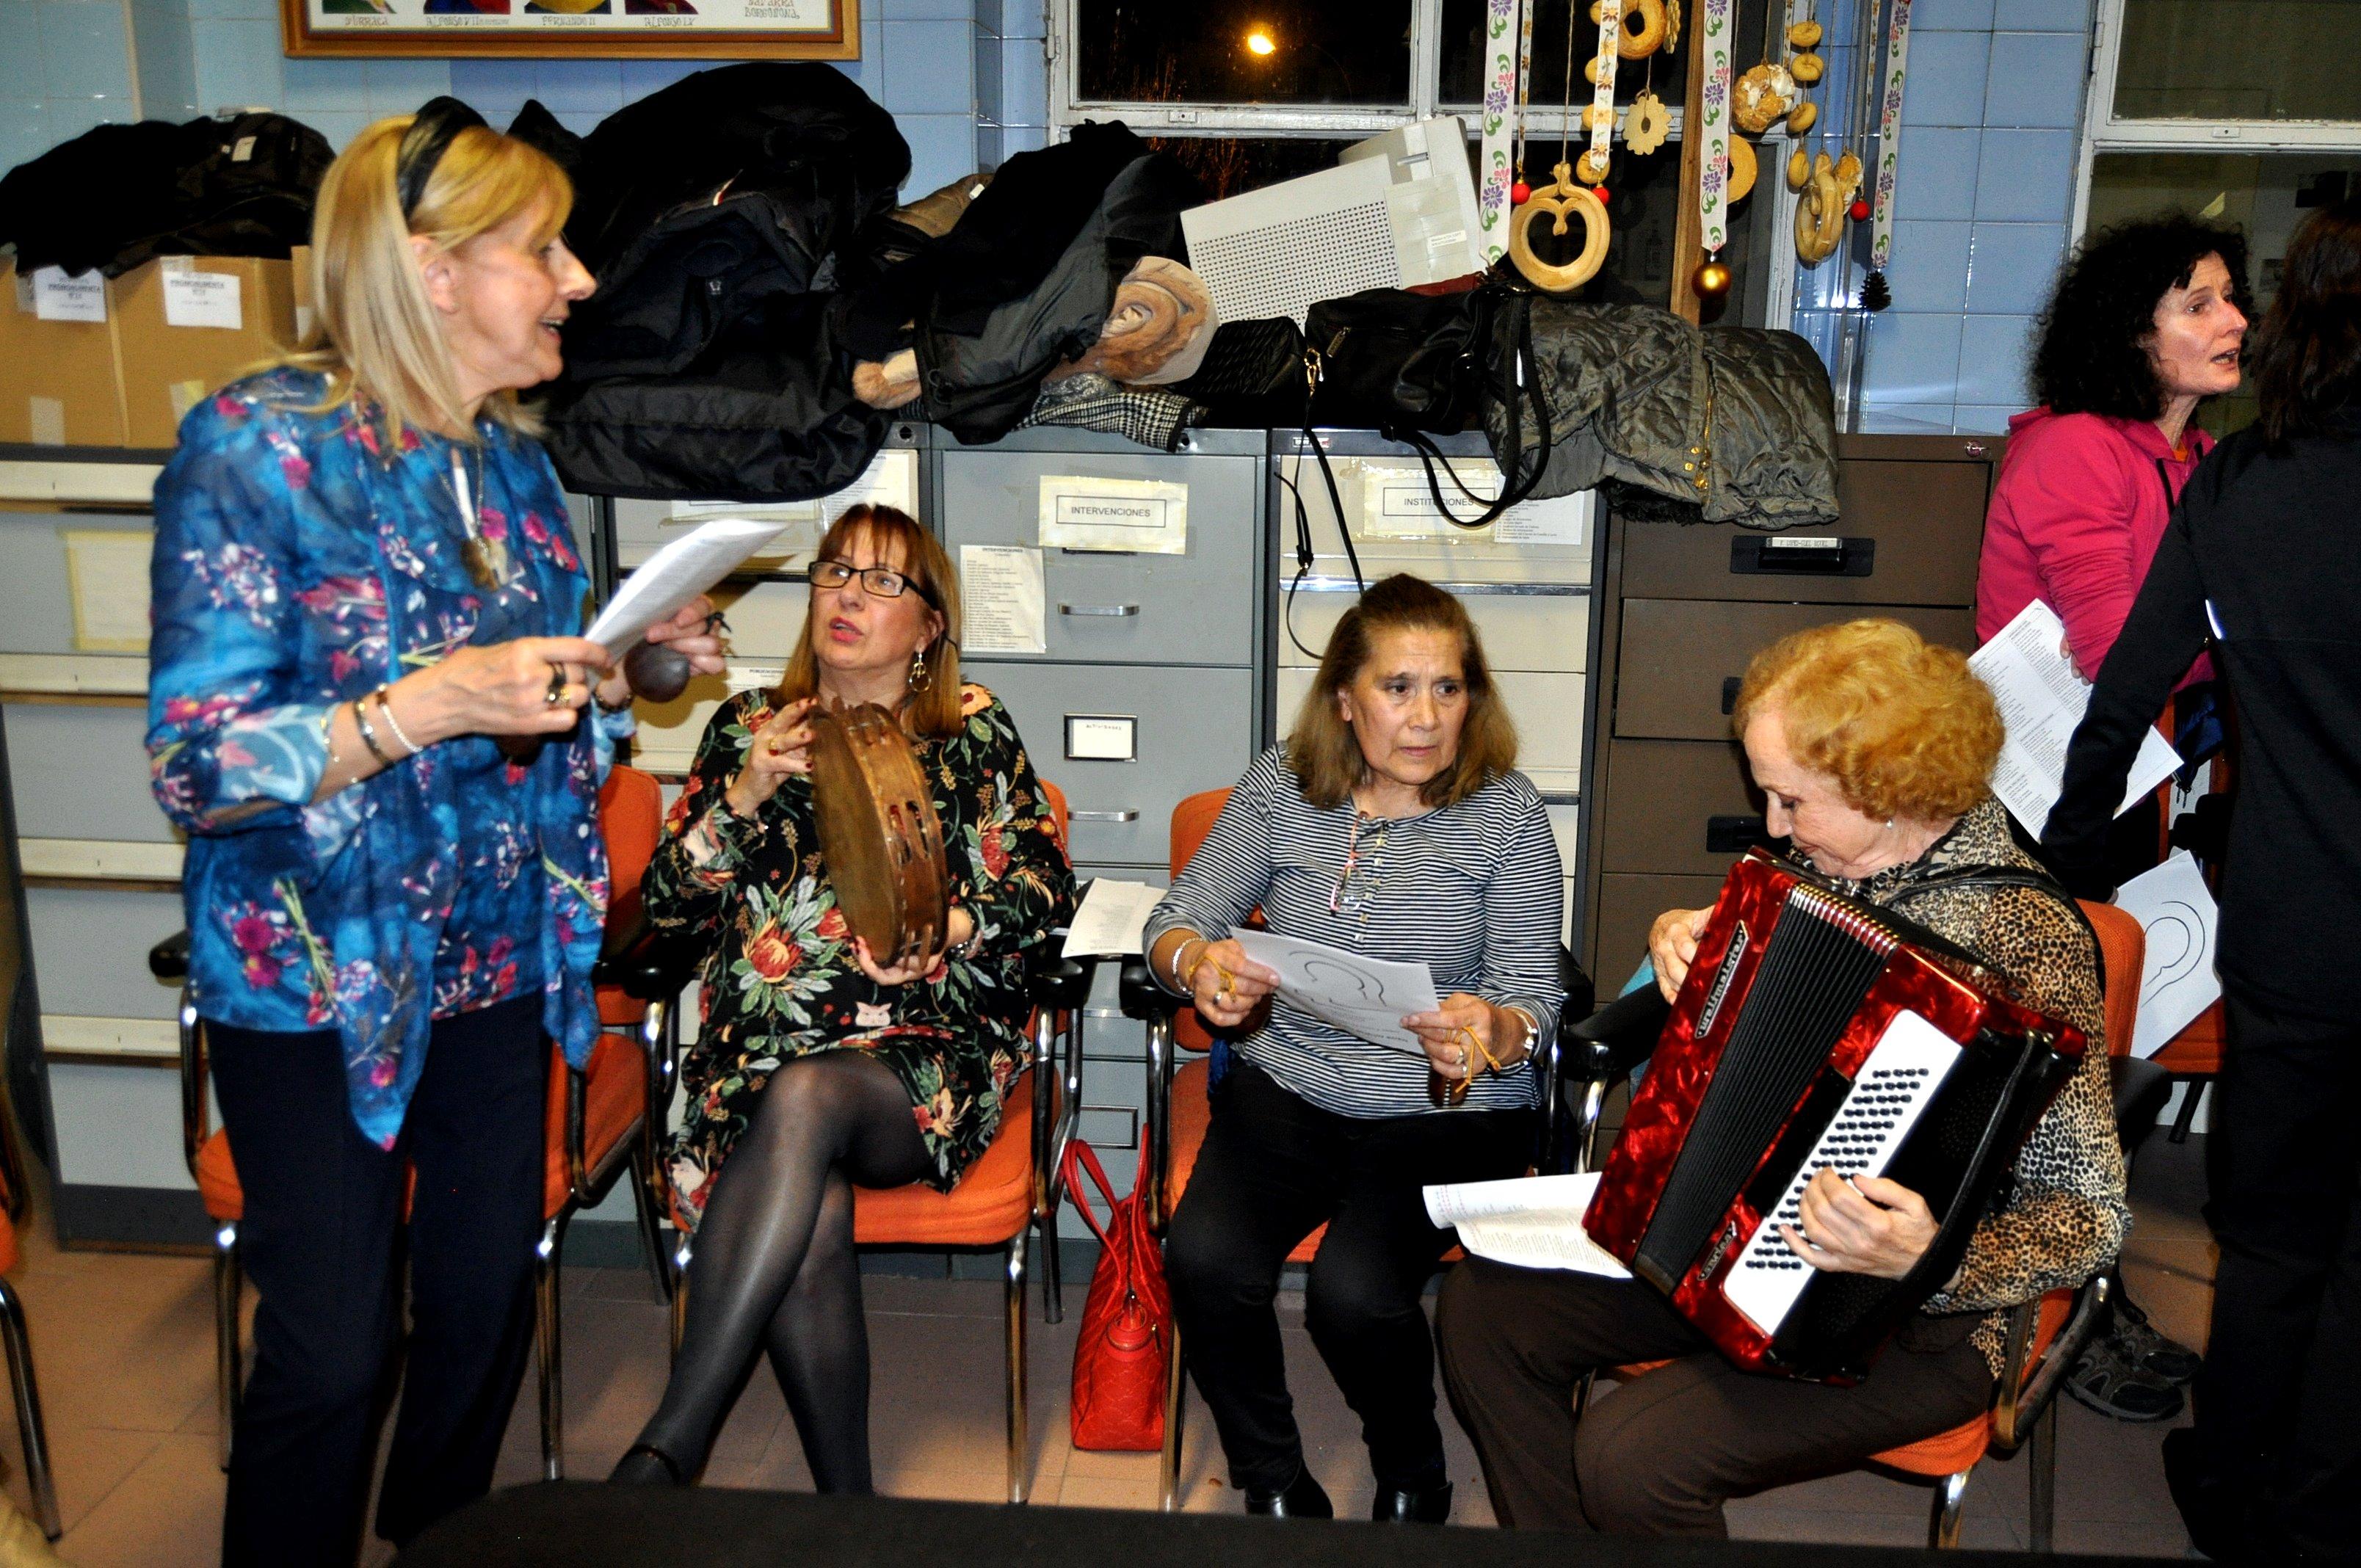 Orquesta Sinf'onica Promonumenta